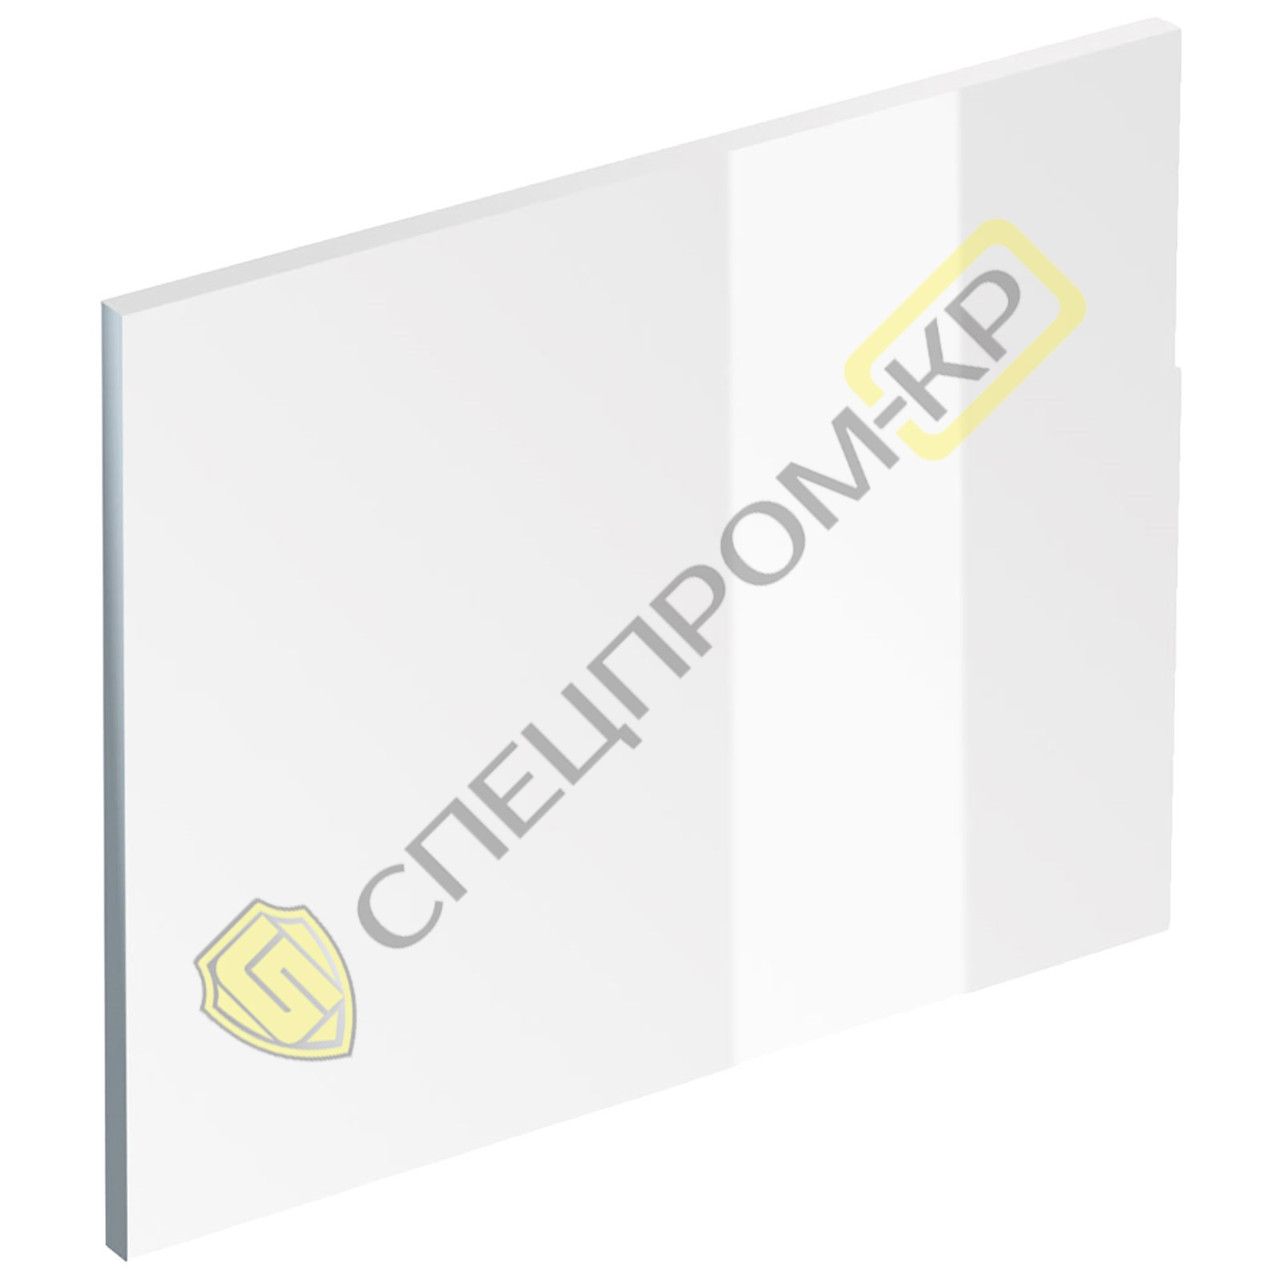 Стекло защитное прозрачное 90-110-2 мм